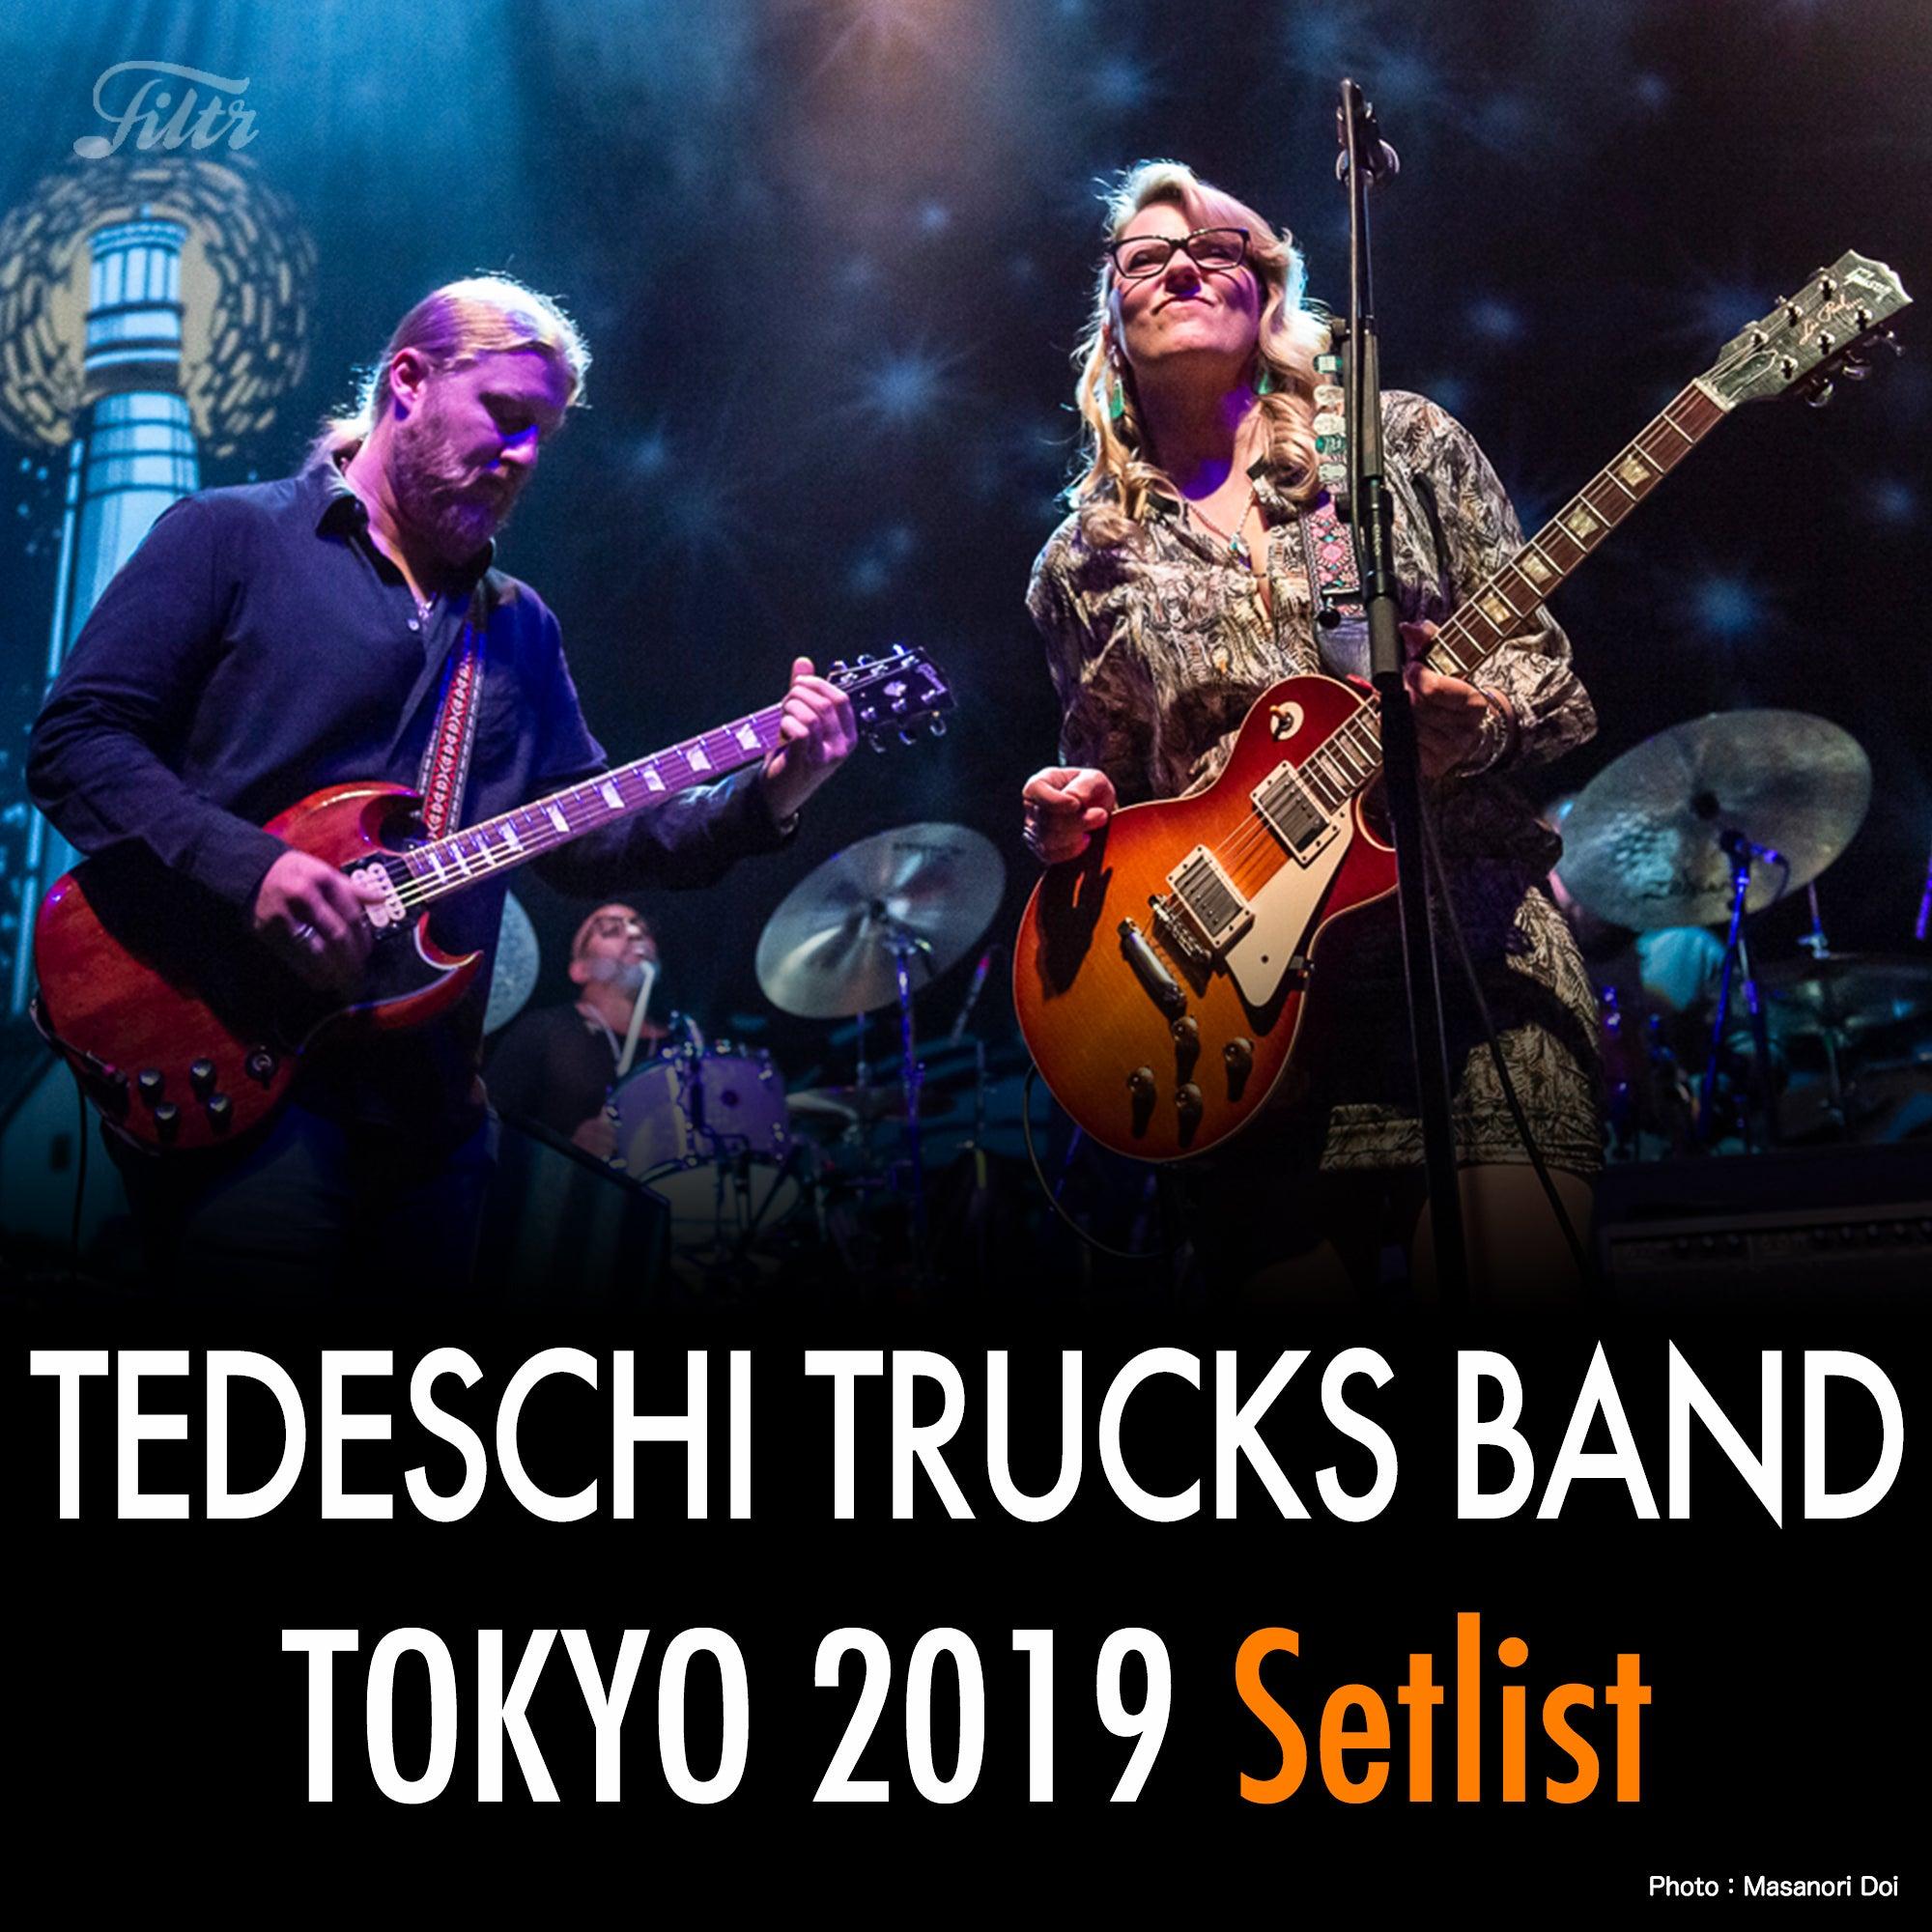 テデスキ トラックス バンド セット リスト